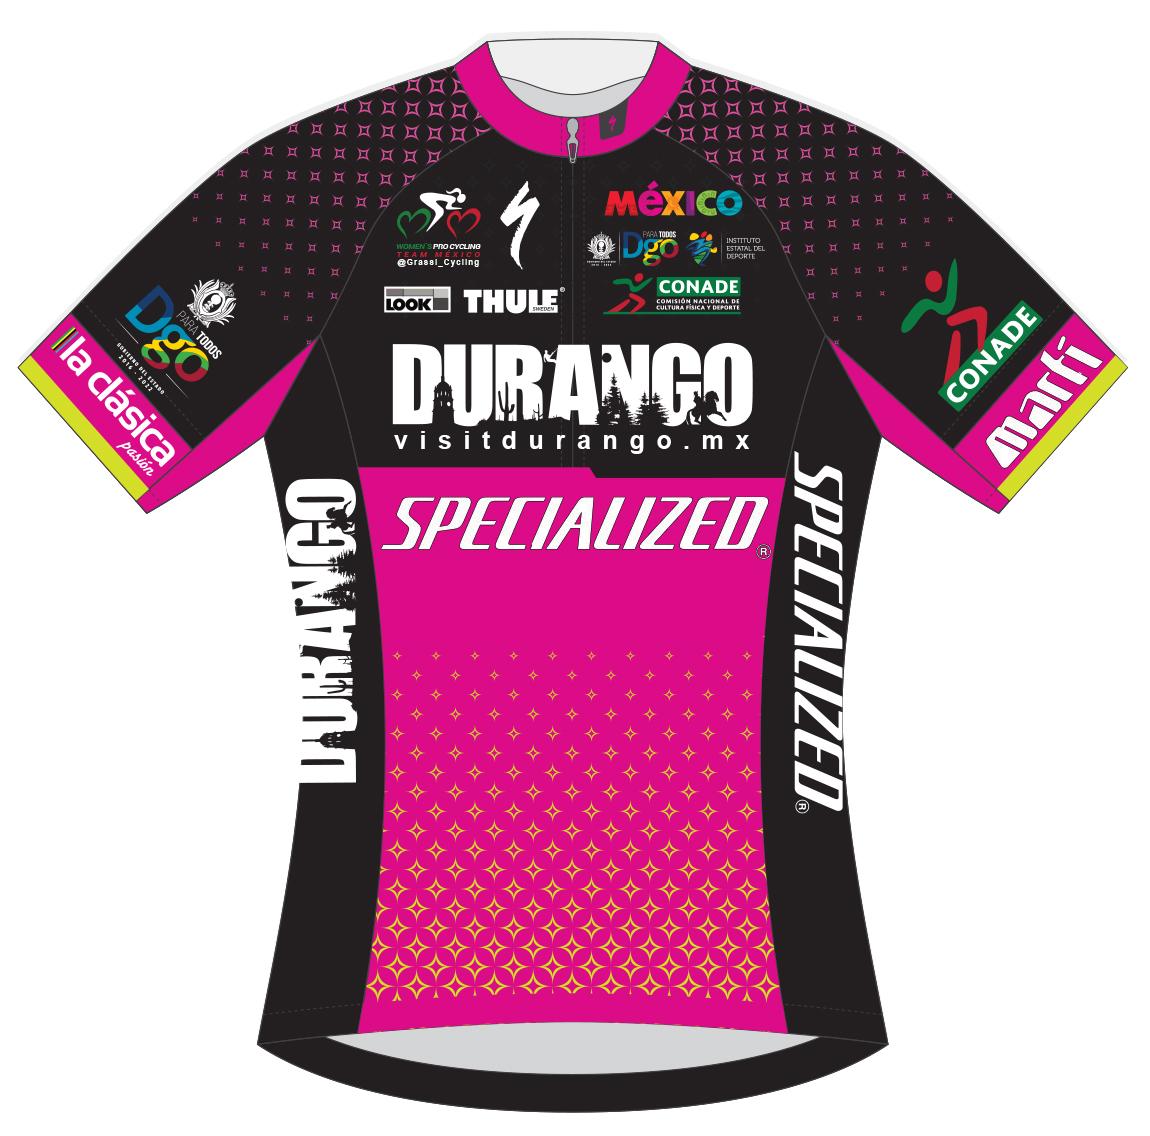 Durango-Specialized-IED.jpg